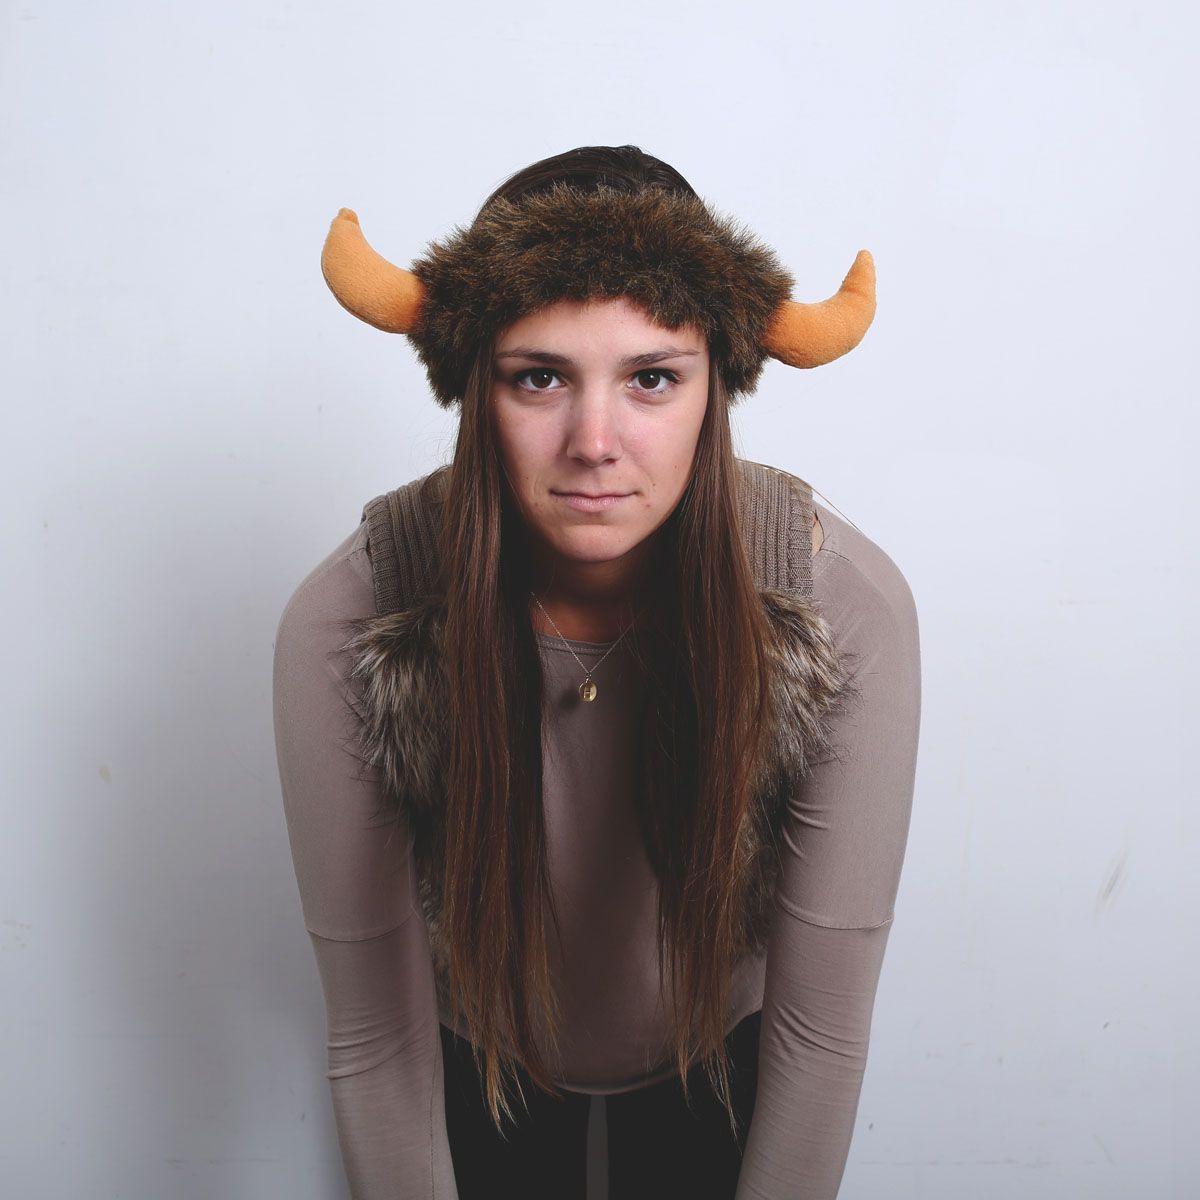 9b0cccc8 DIY Halloween Costume: Buffalo | Helen | inside VM: Halloween ...